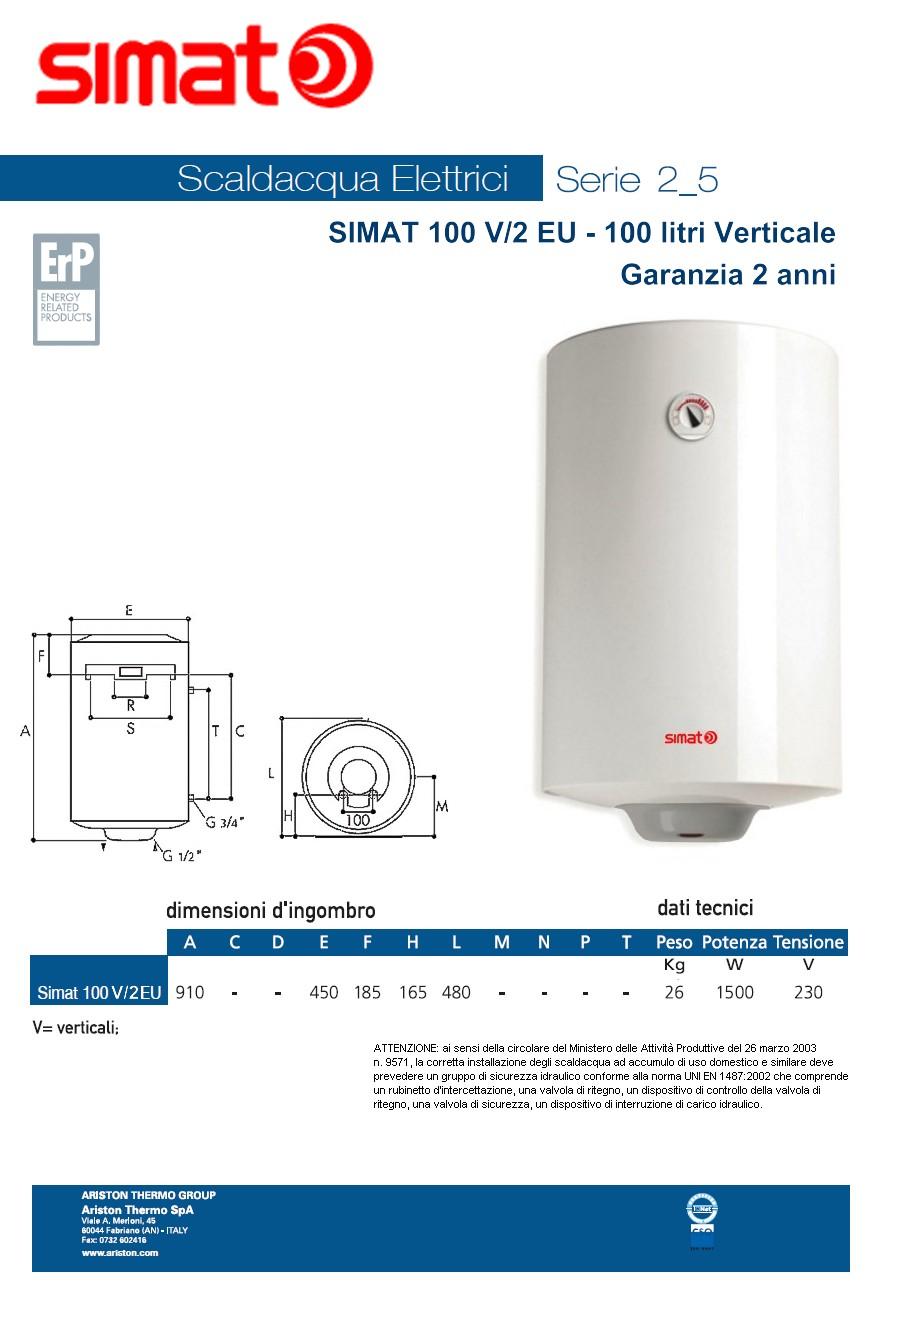 Scaldabagno elettrico simat by ariston 100 litri verticale garanzia 2 anni climamarket - Installazione scaldabagno elettrico ...